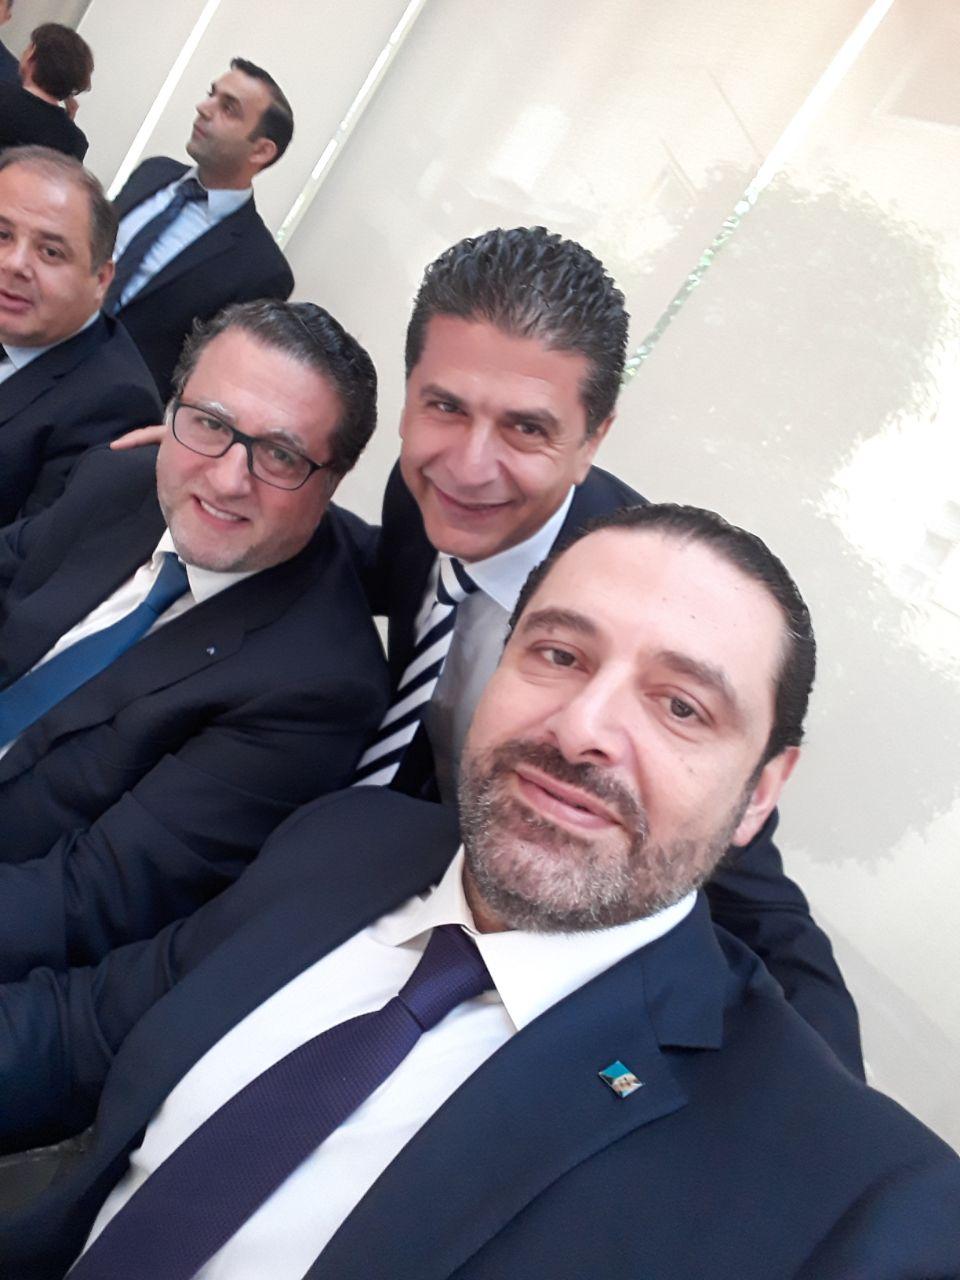 سلفي في غرفة التجارة والصناعة في بيروت بتاريخ  15/01/2018